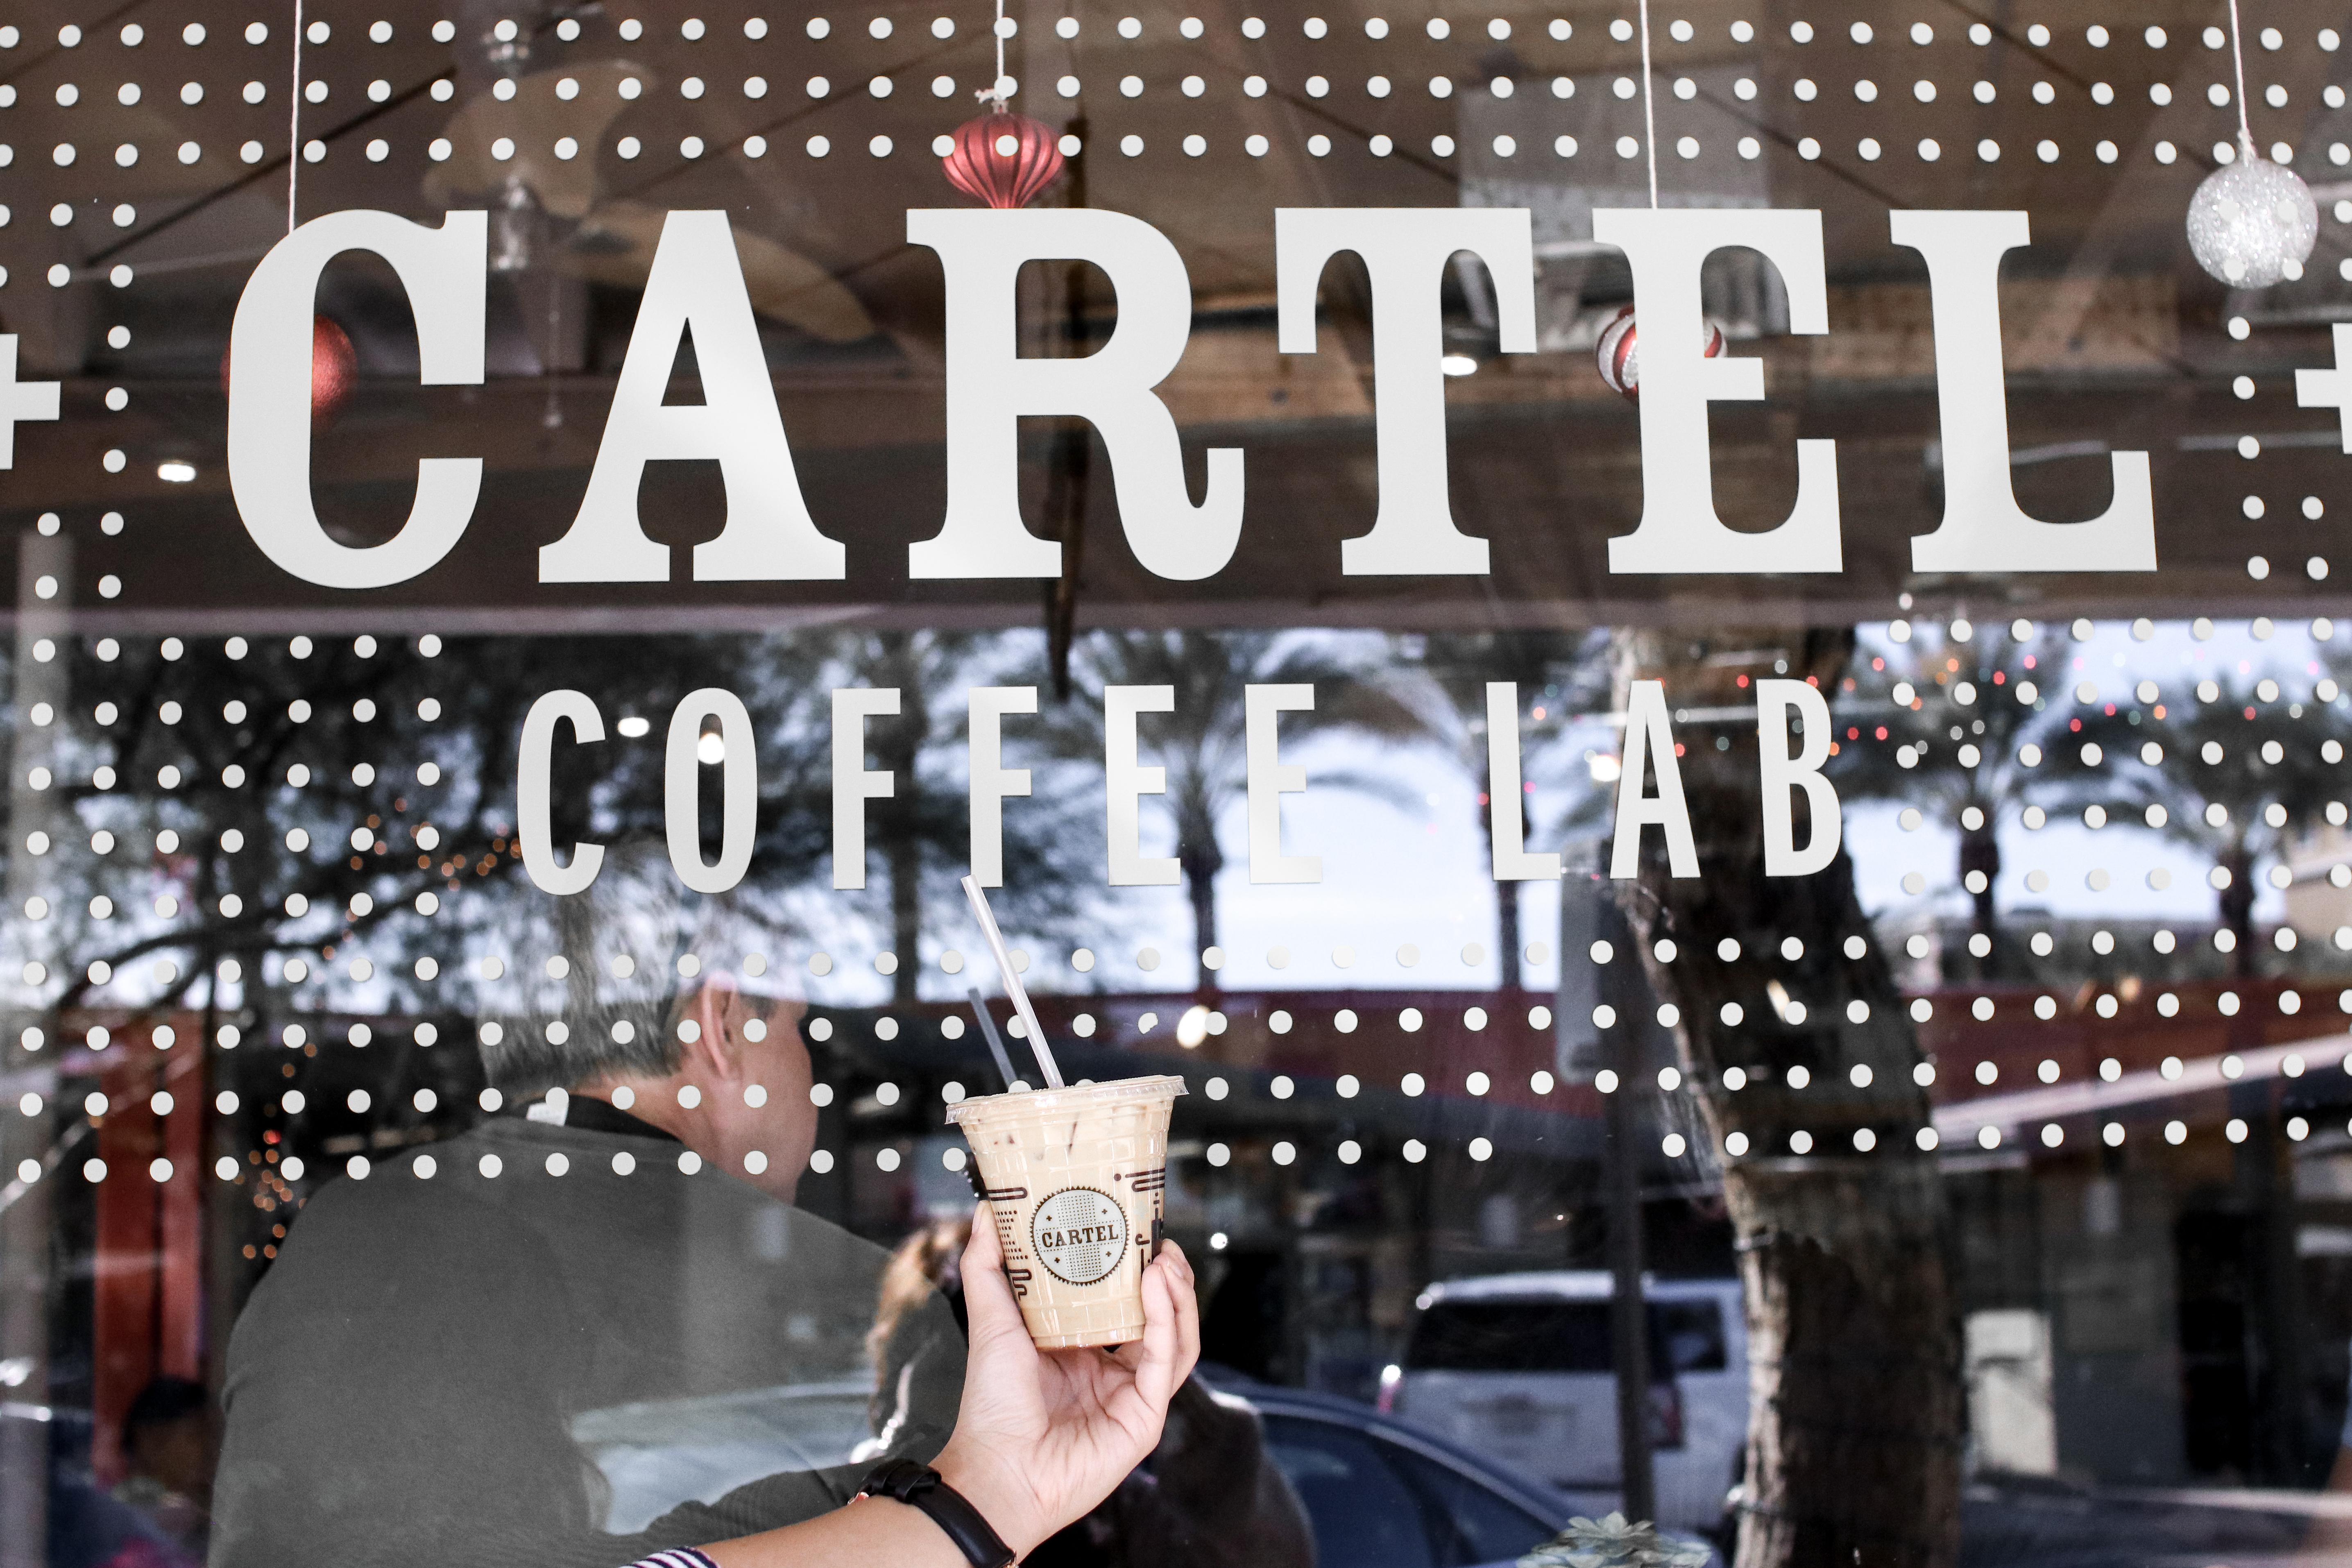 cartel-coffee-lab-old-town-scottsdale-32y